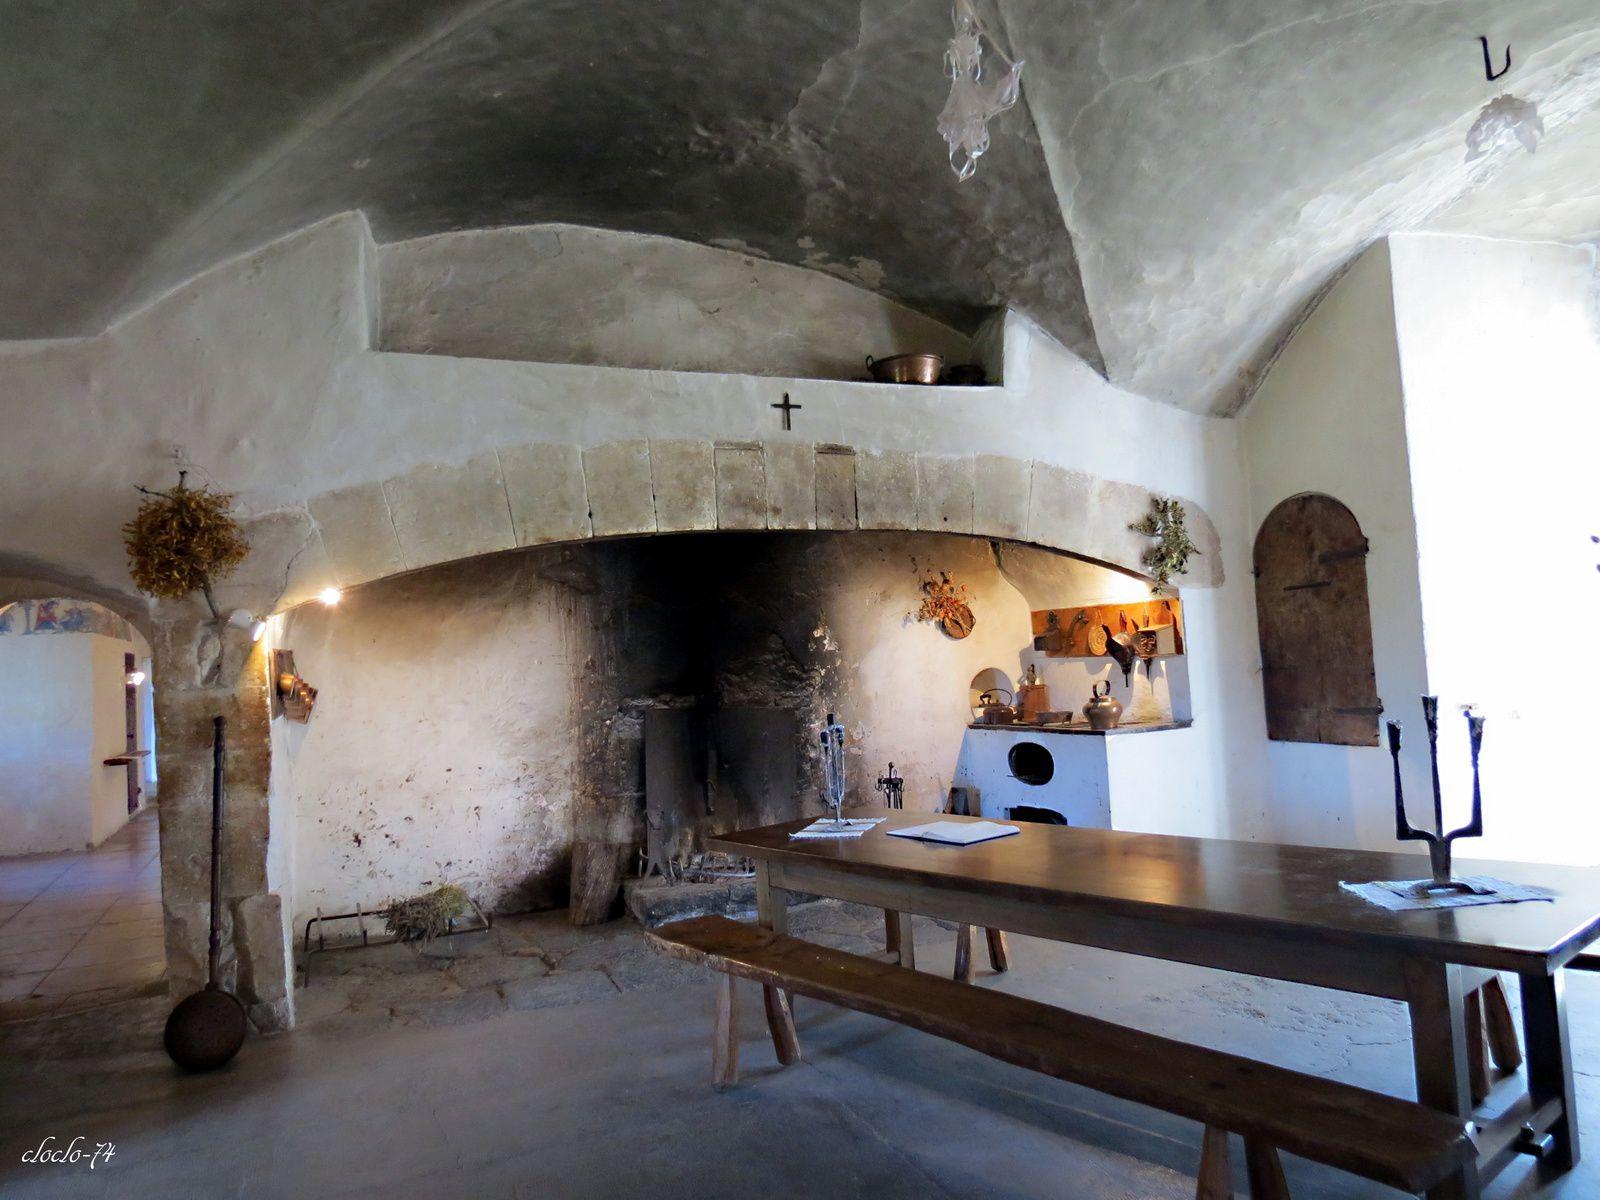 1 la grande cuisine 2- salle de danse en 3 - la chambre de l'évêque (réservée aux évêques de Viviers 4 escalier droit renaissance .